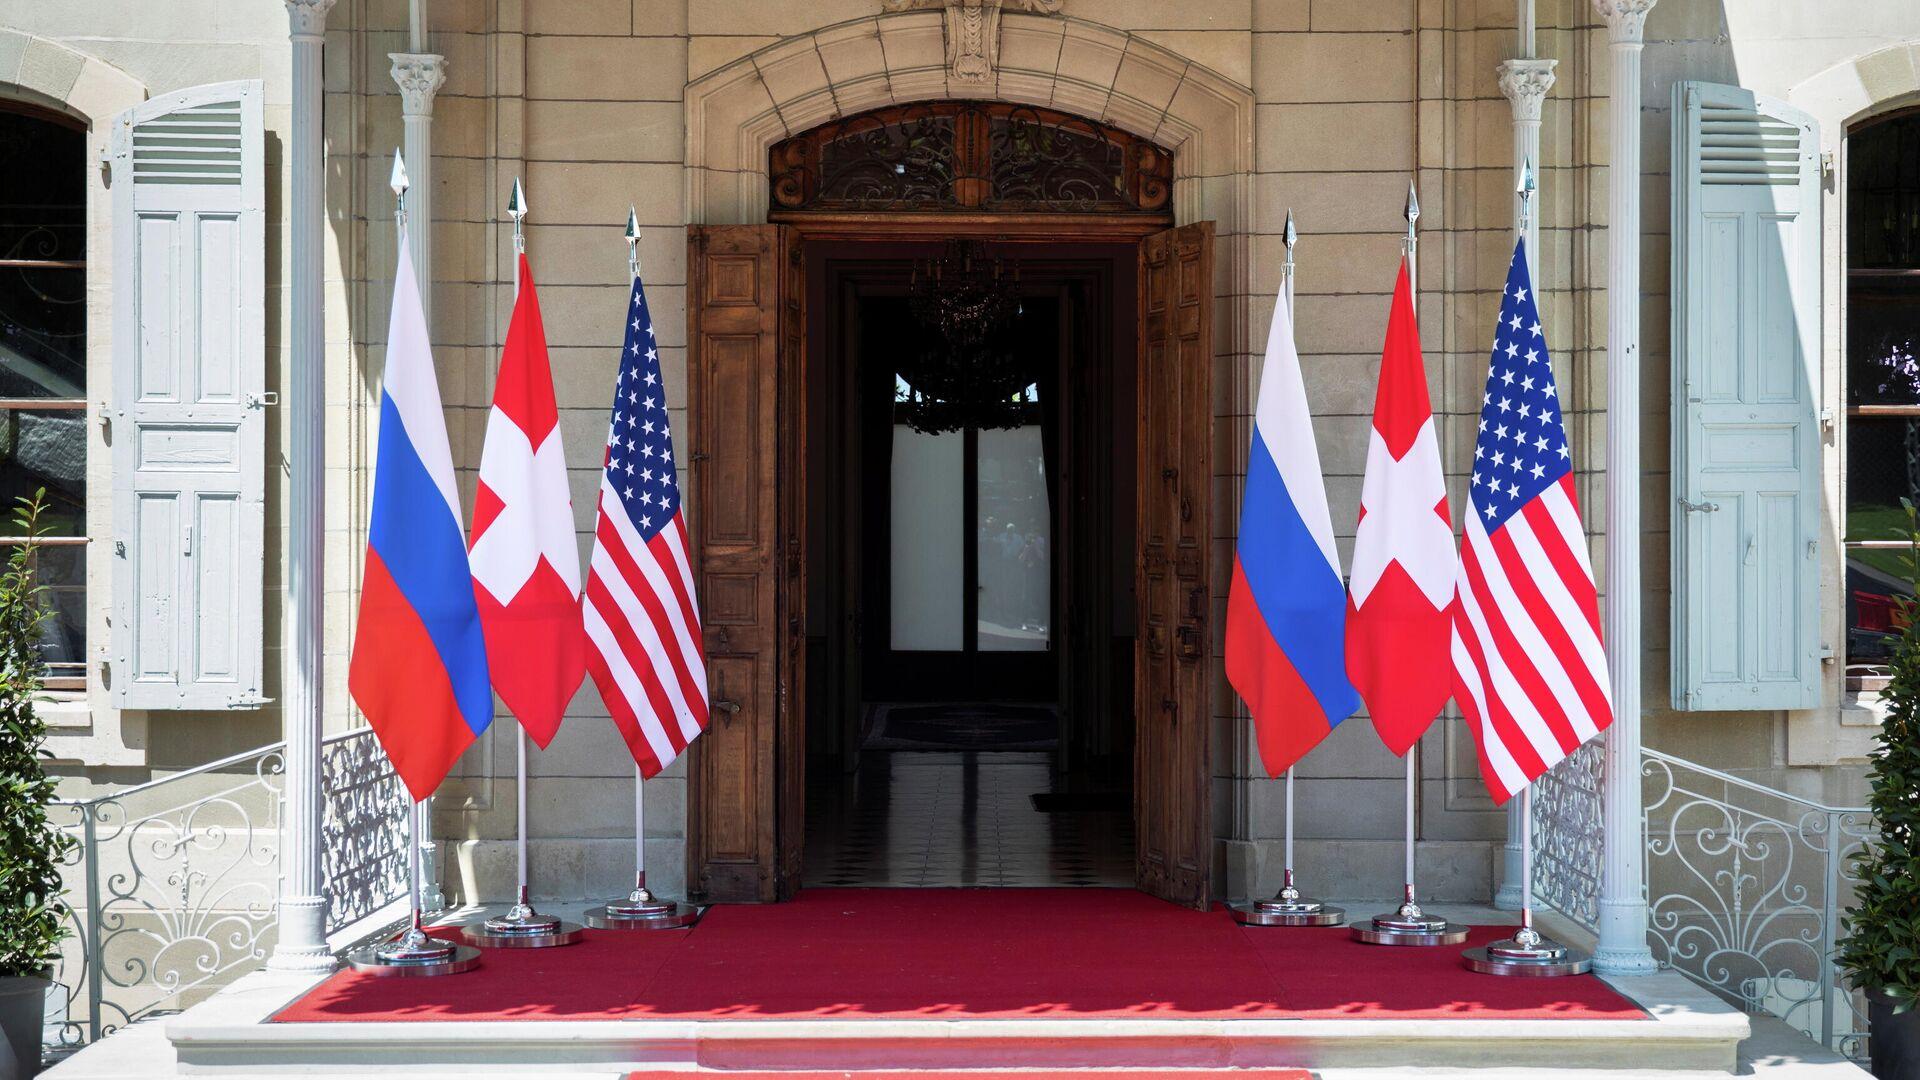 Флаги России, США и Швейцарии перед входом на виллу Ла Гранж в Женеве, Швейцария - РИА Новости, 1920, 16.06.2021